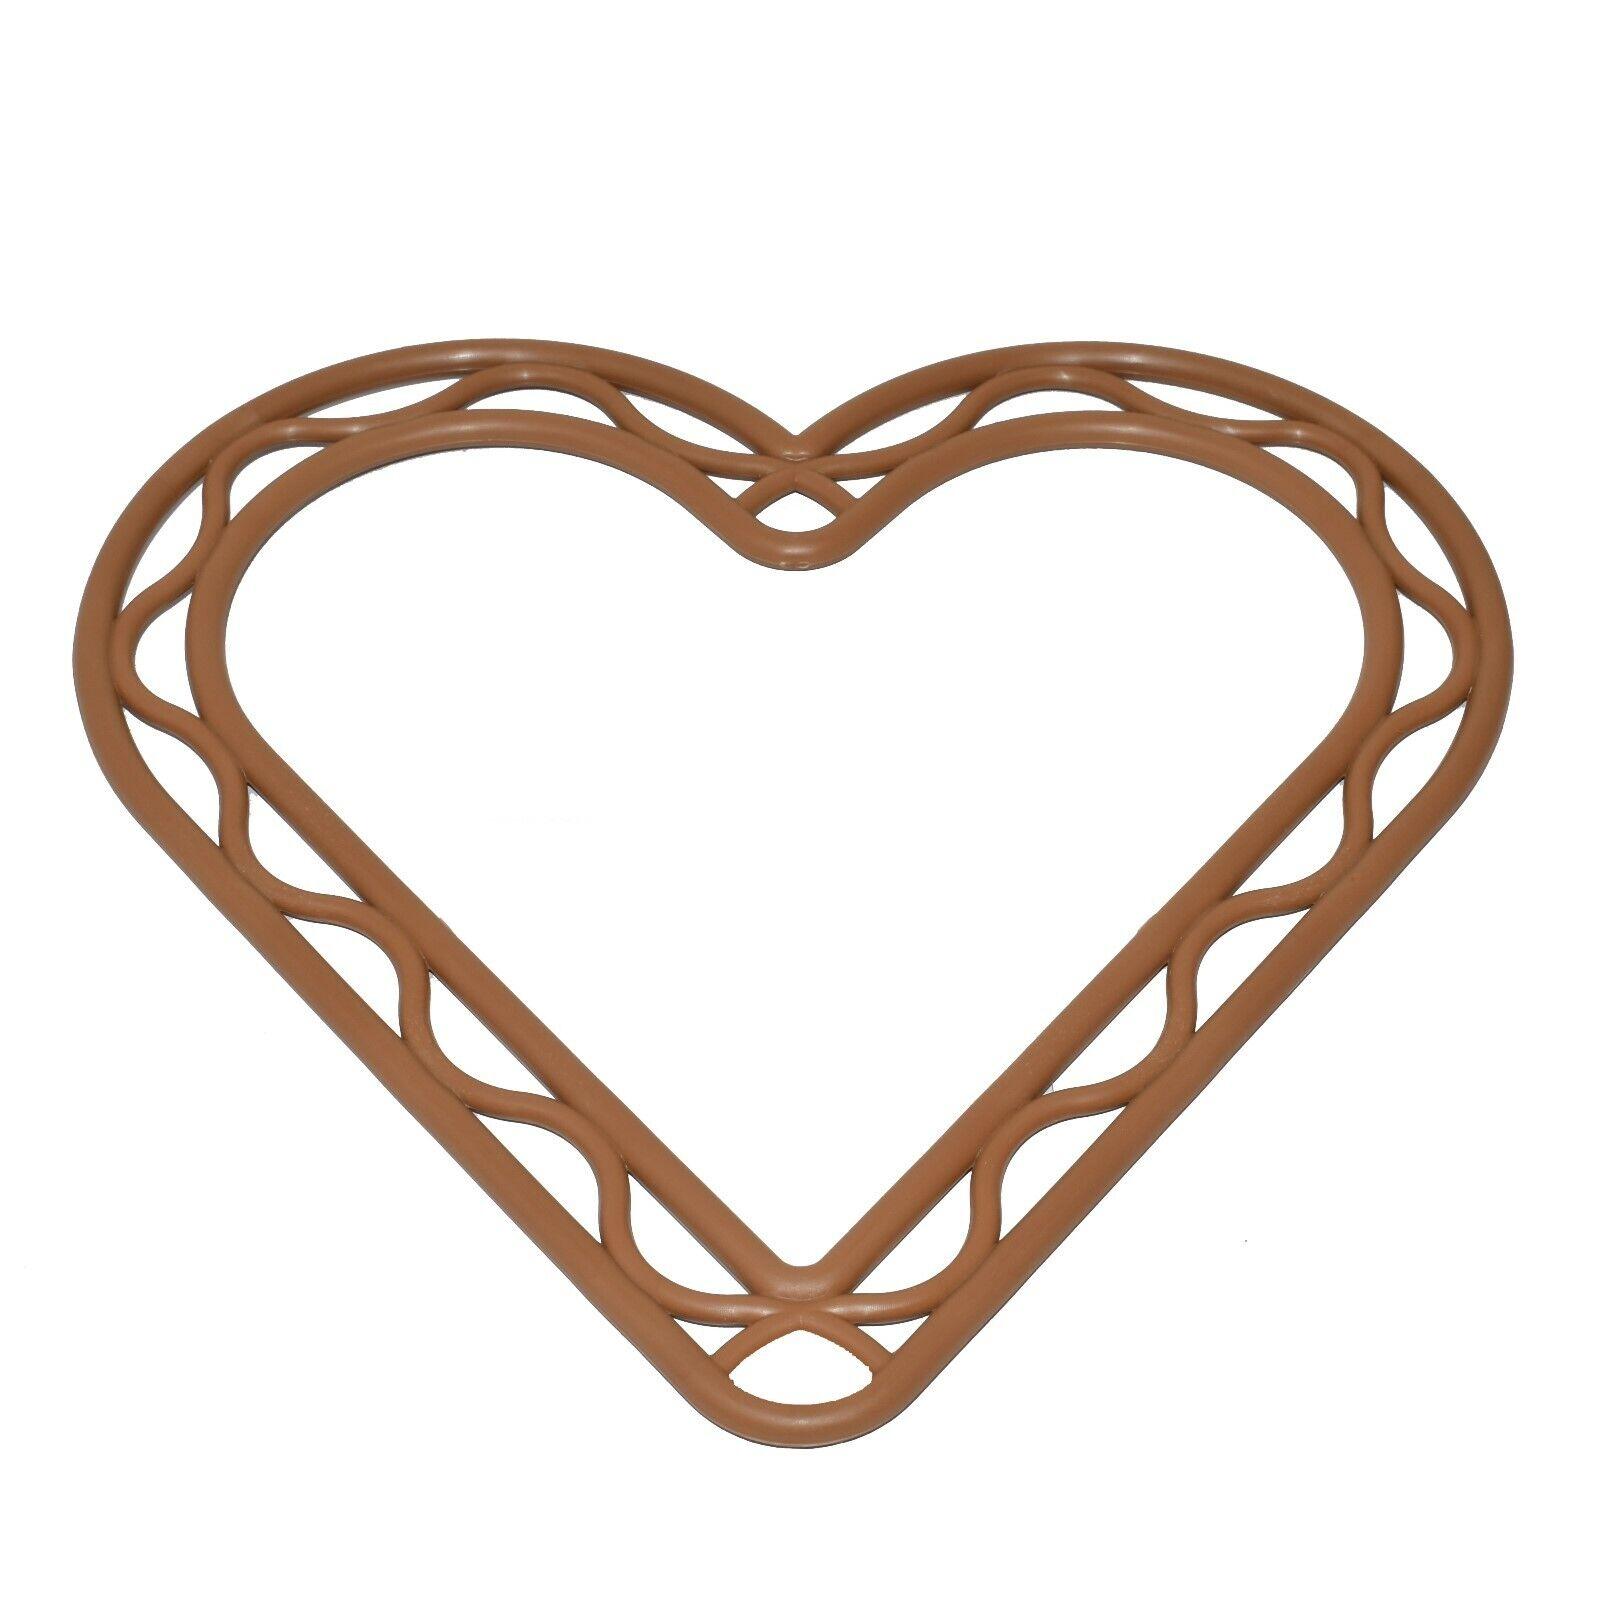 8 pulgadas Marrón Plástico Corazón en forma de corona decoración de Marco Floristry Bodas